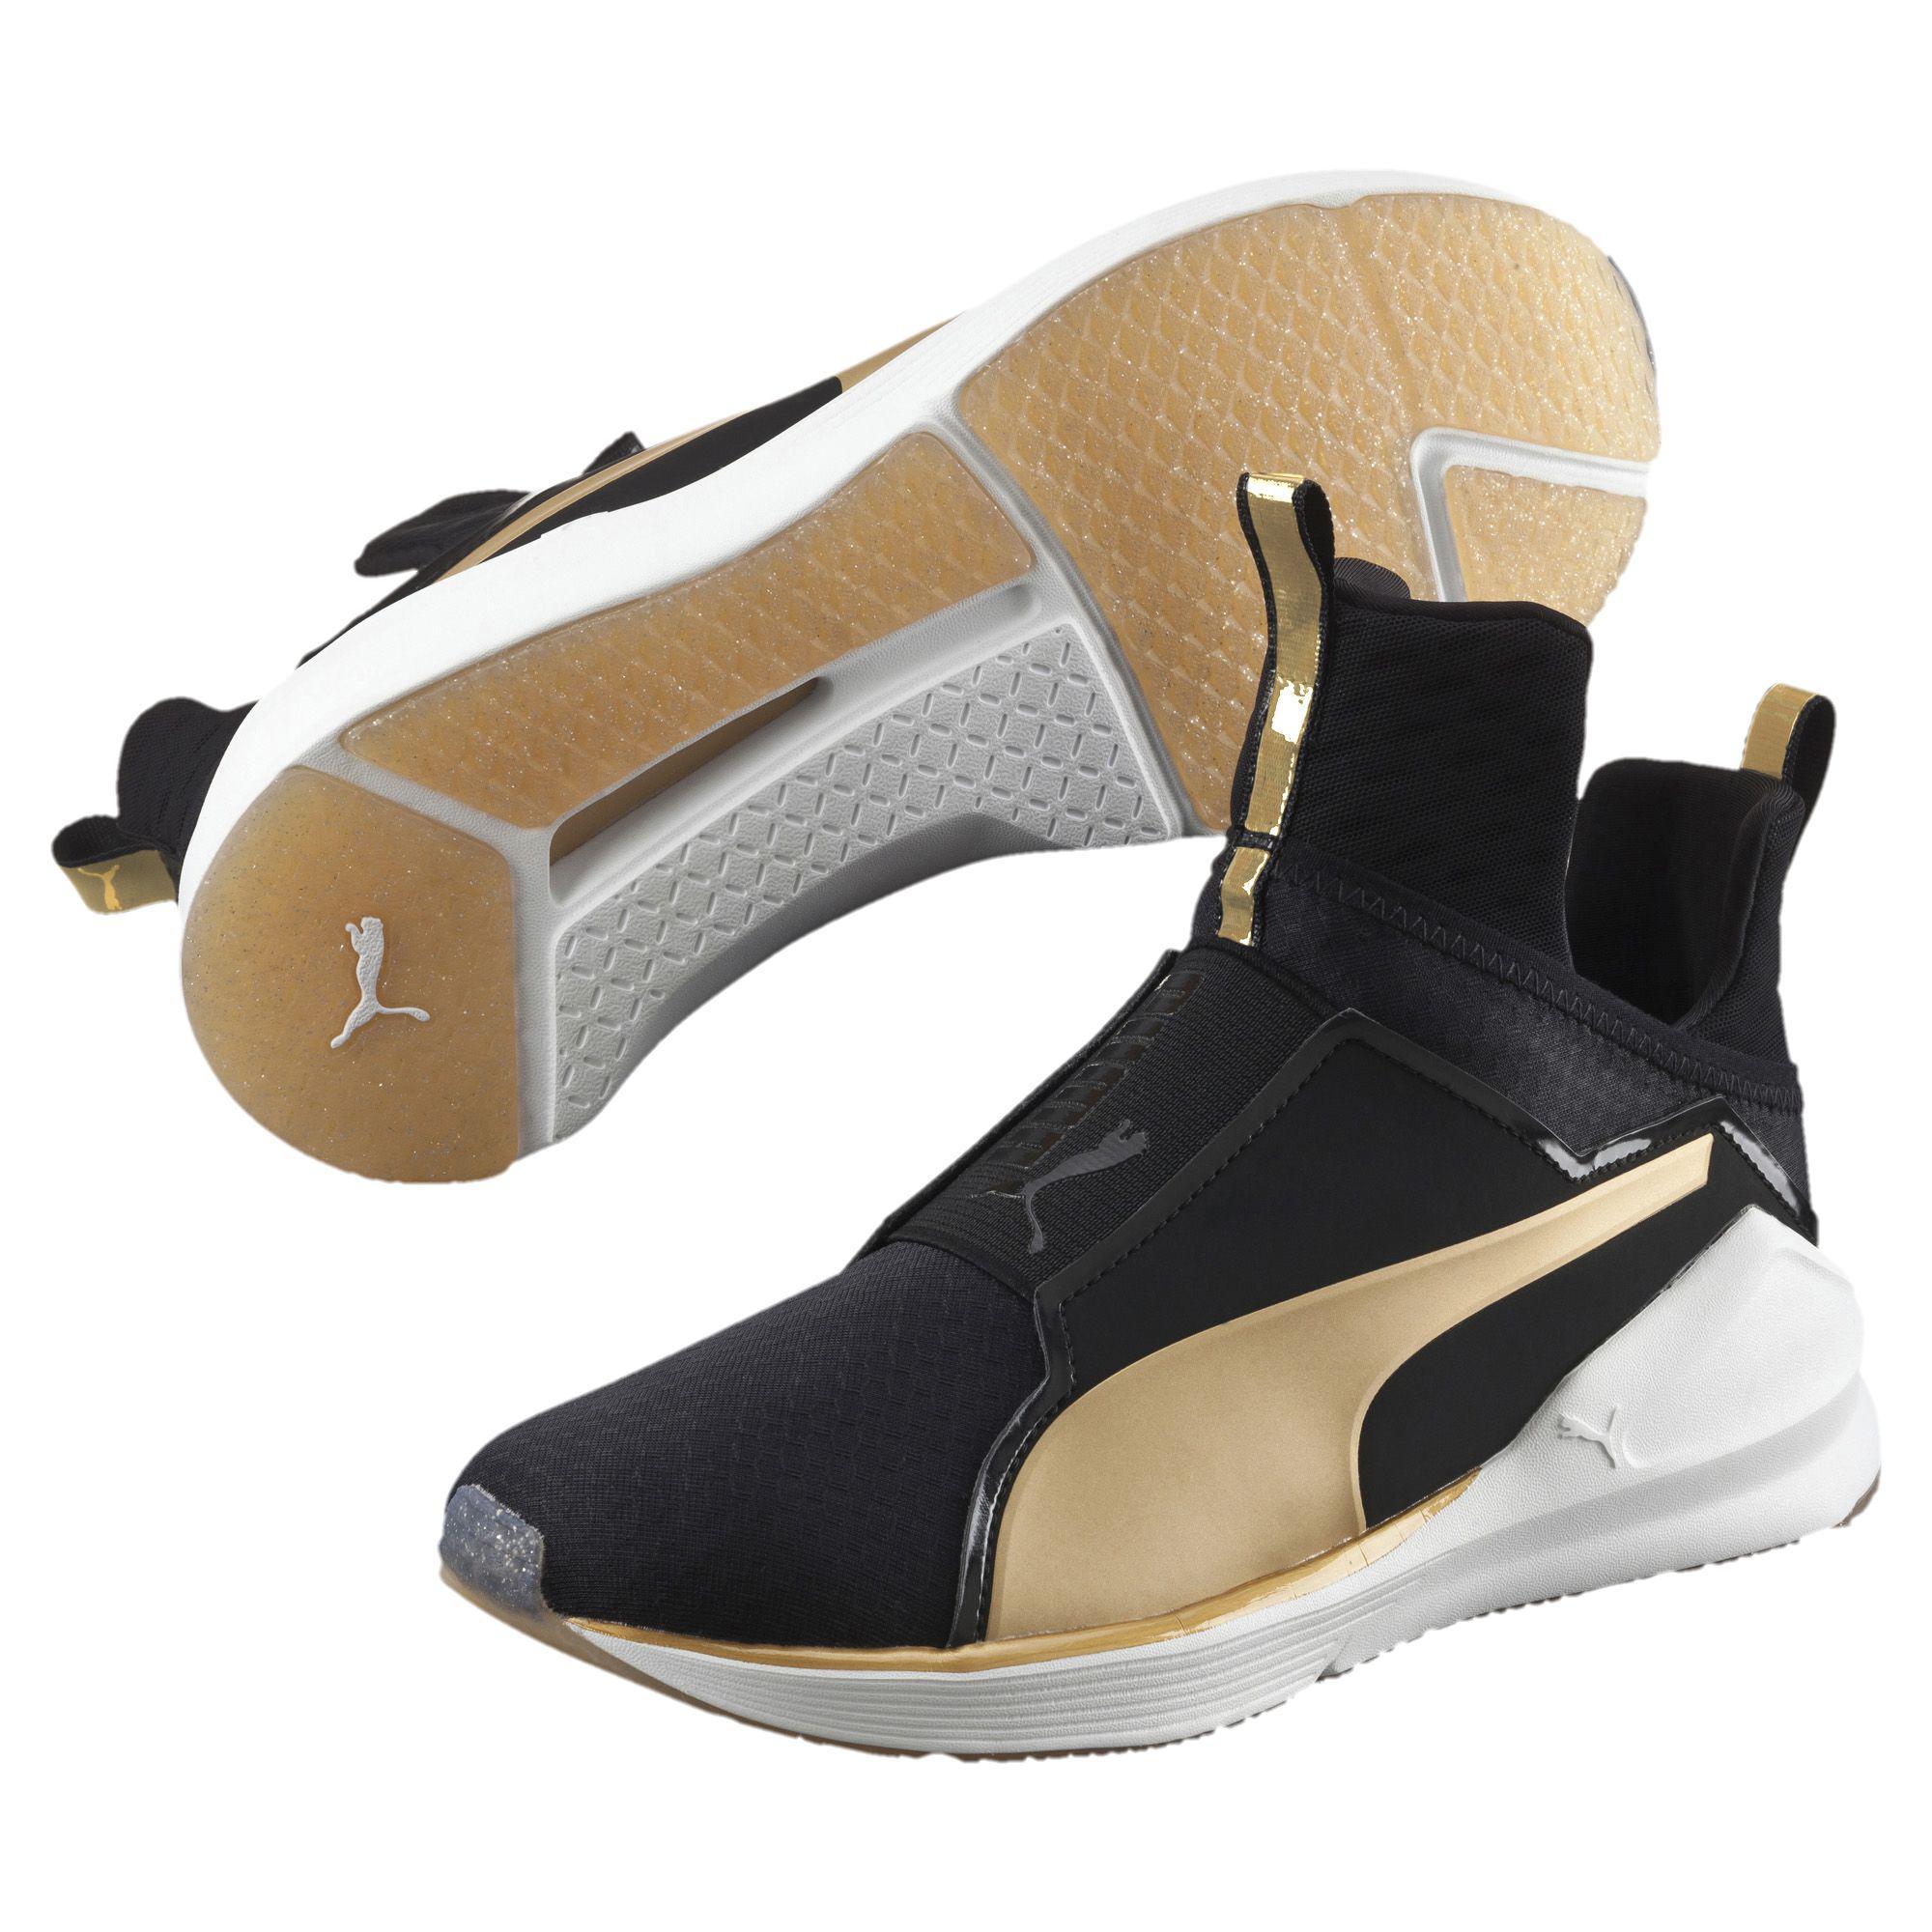 Lyst - PUMA Fierce Gold Women s Training Shoes f5c67b7e9